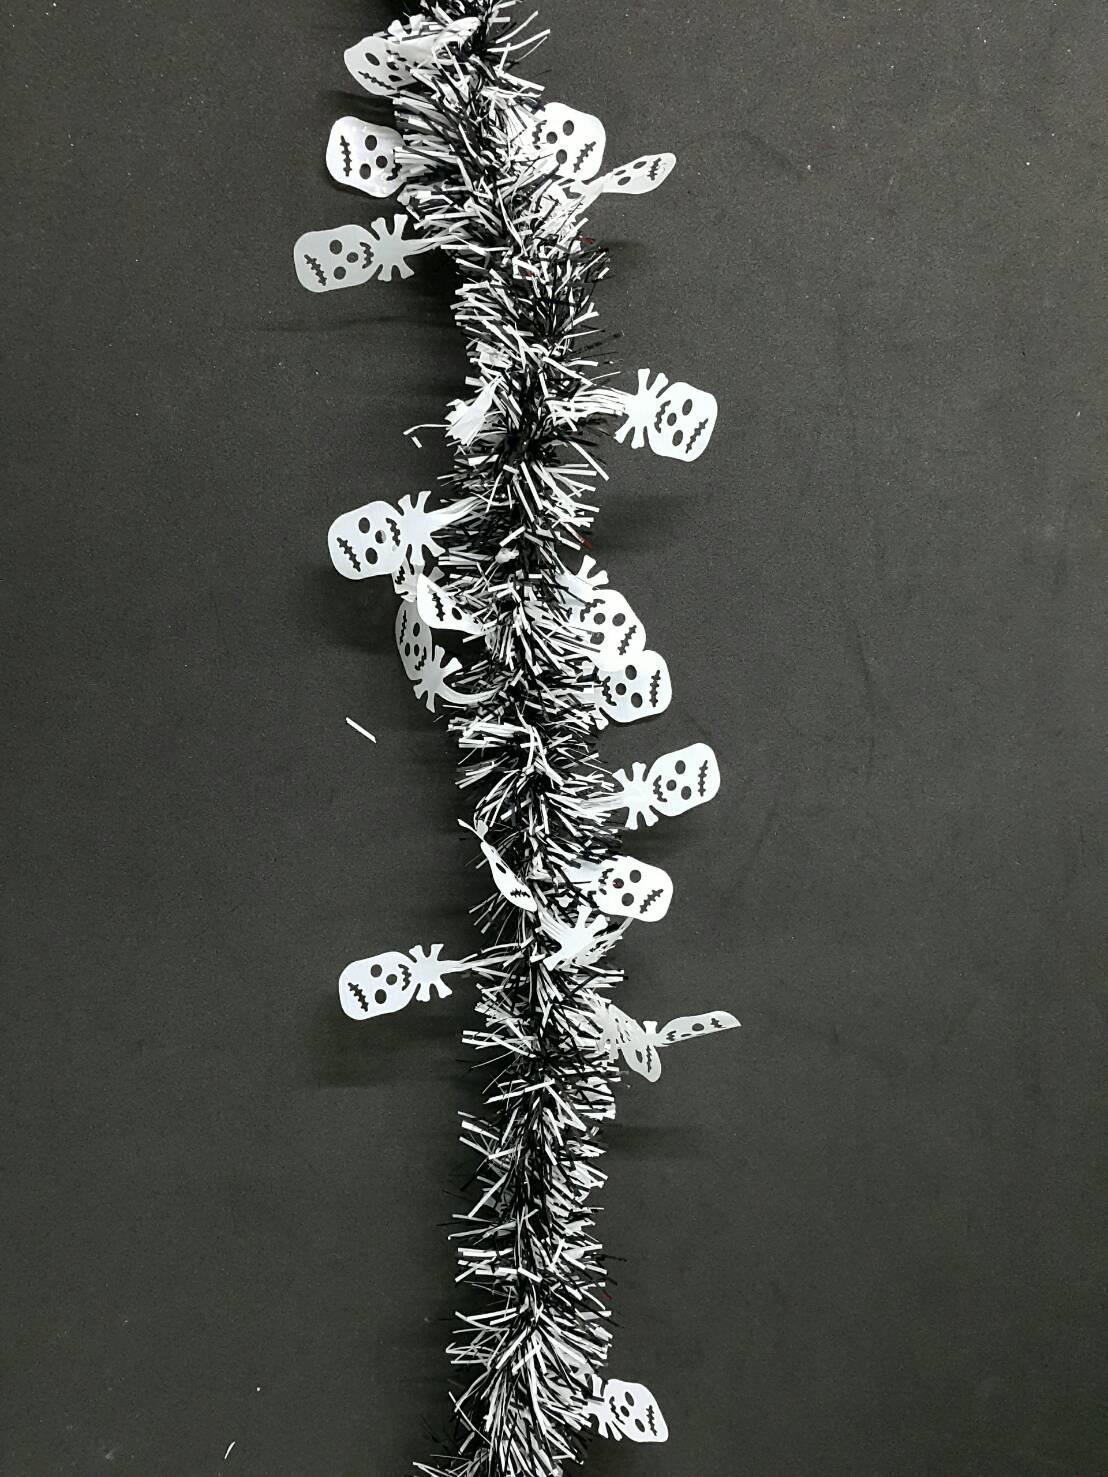 X射線【W413834】萬聖造型金蔥-鬼頭,萬聖節/彩條/佈置/裝飾/擺飾/會場佈置/交換禮物/金蔥條/櫥窗/店面裝飾/道具/吊飾